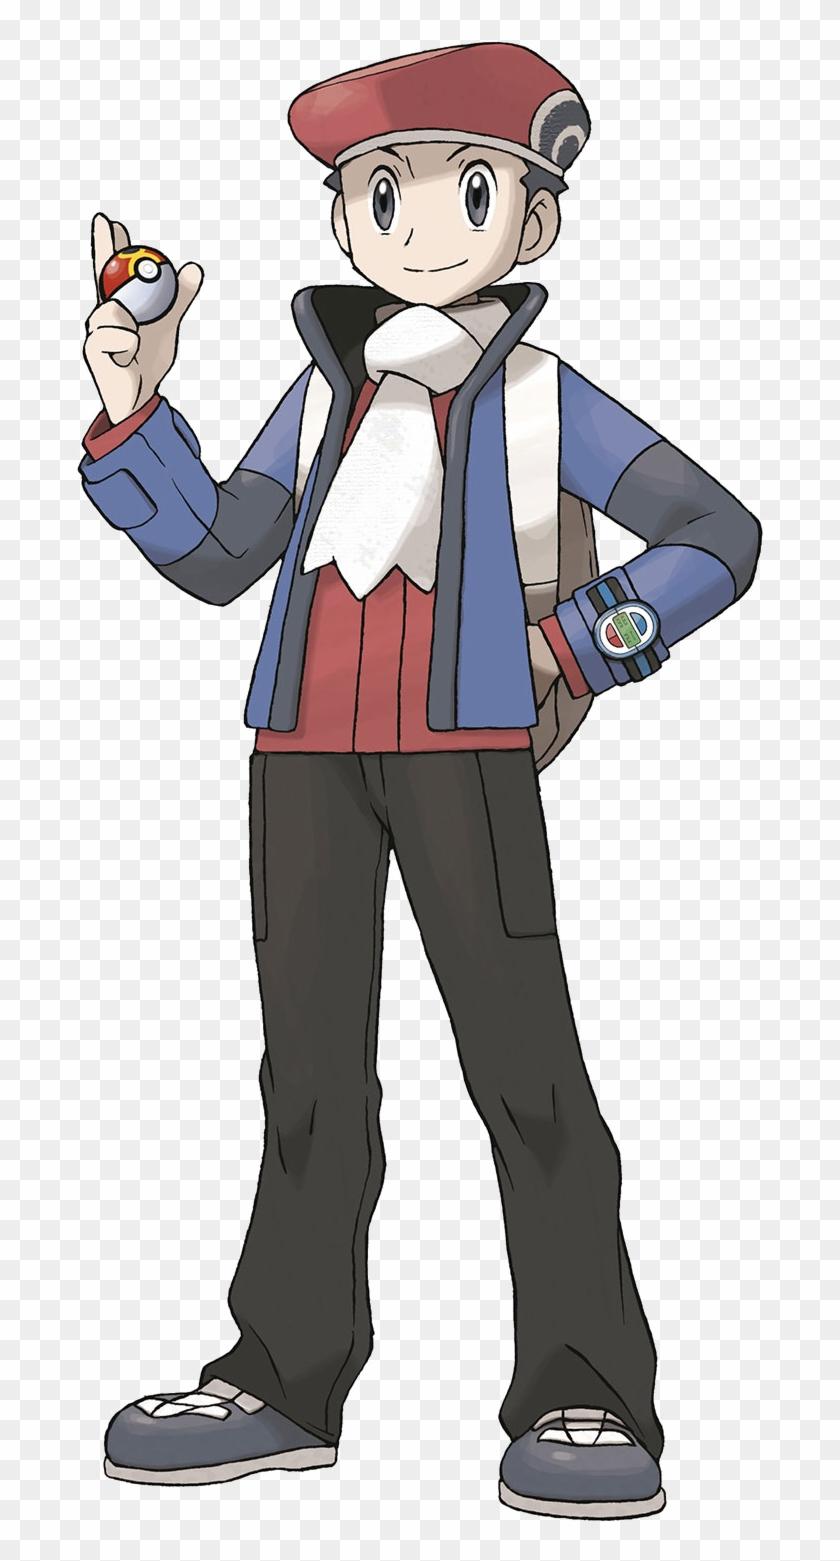 Anime Boy Clipart Gamer.